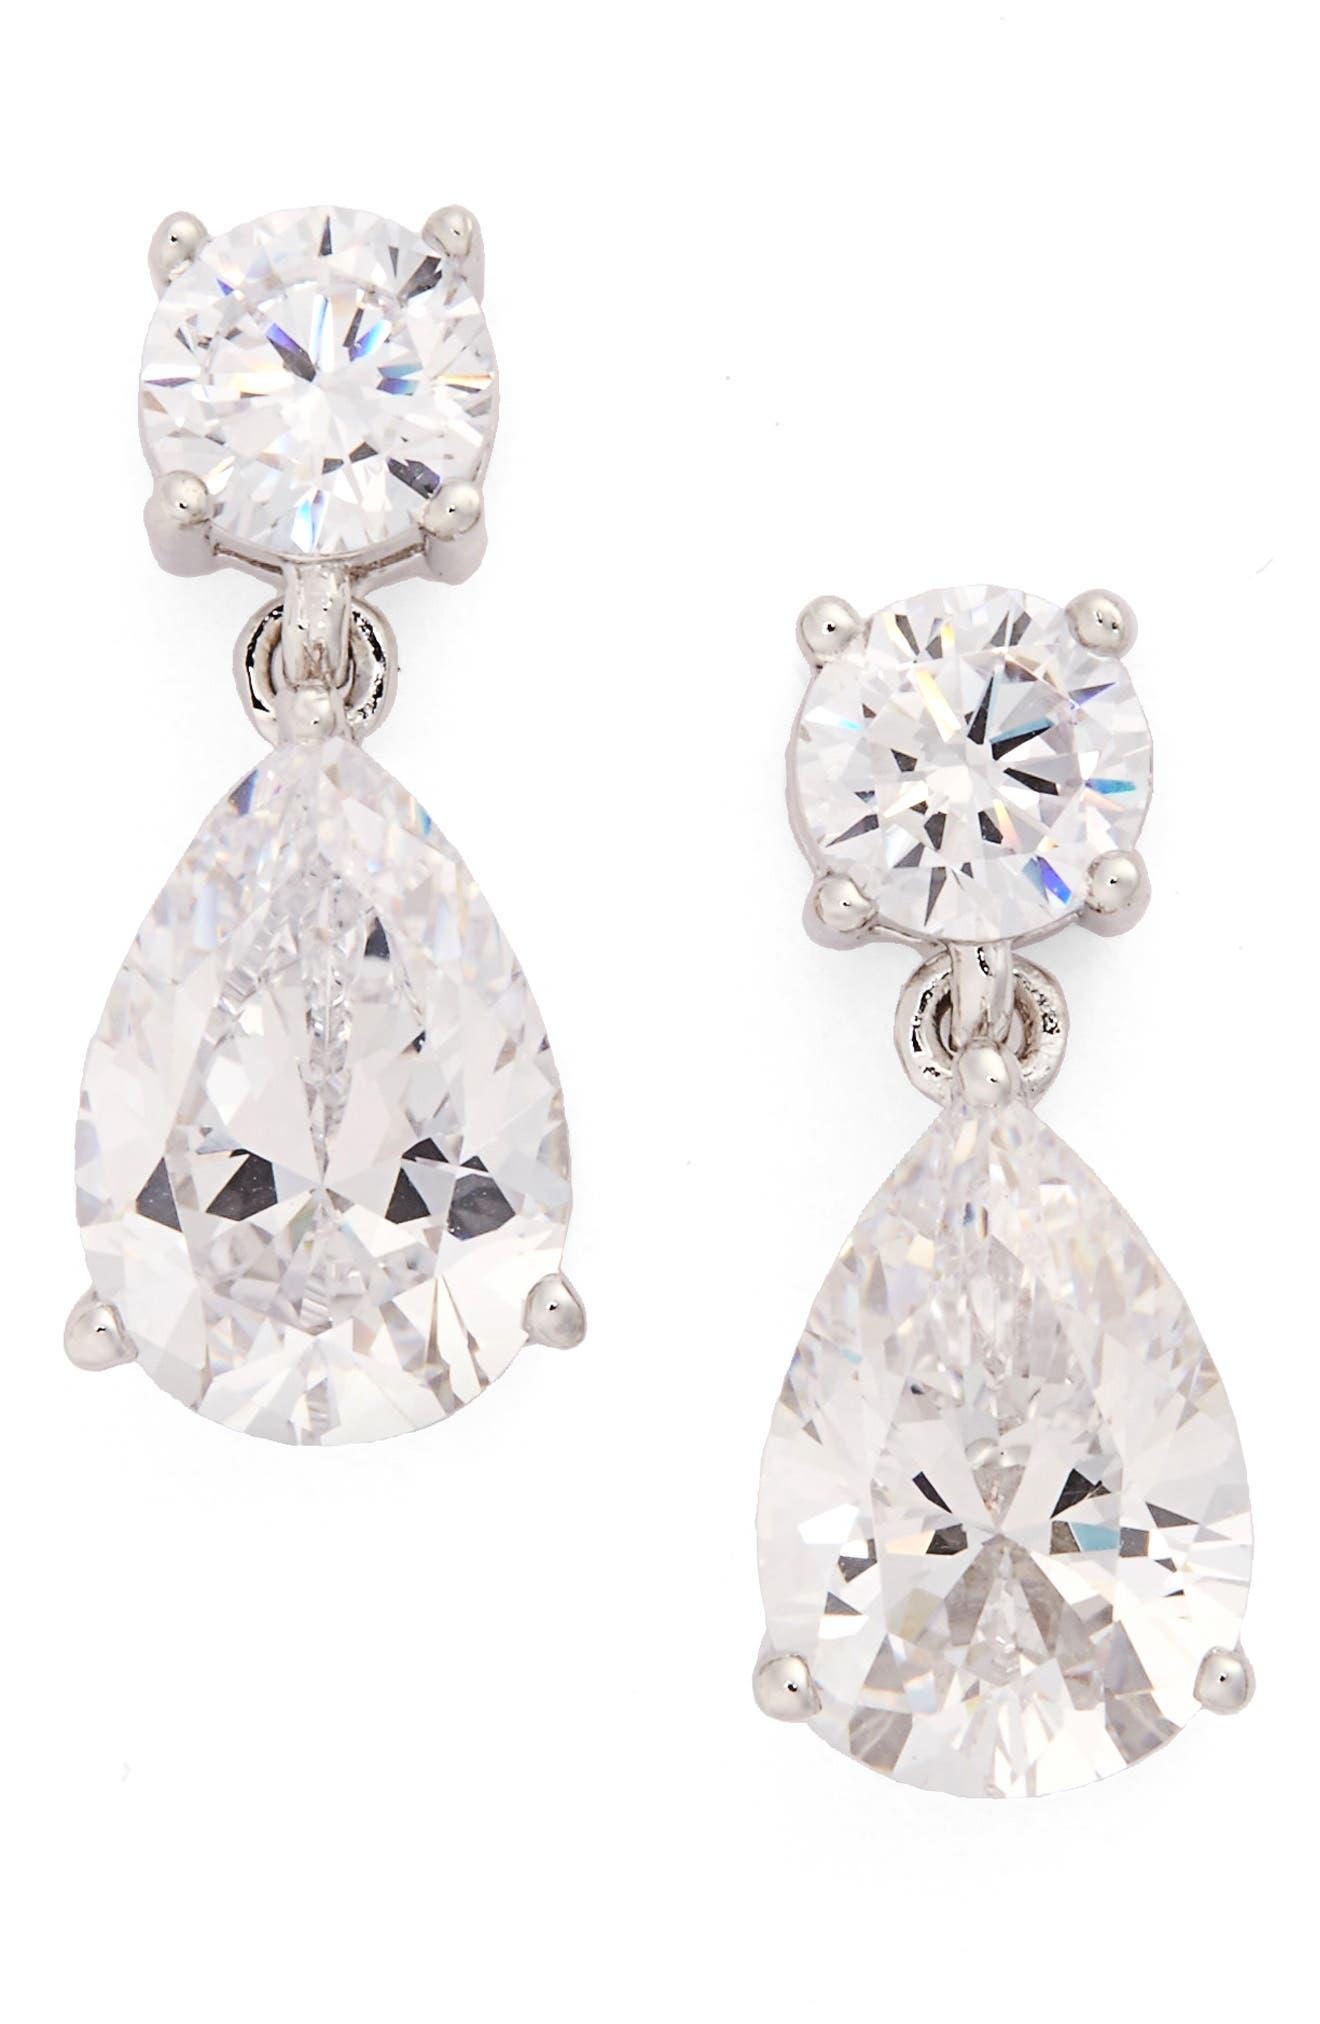 Cubic Zirconia Teardrop Earrings,                         Main,                         color, SILVER/ CLEAR CZ